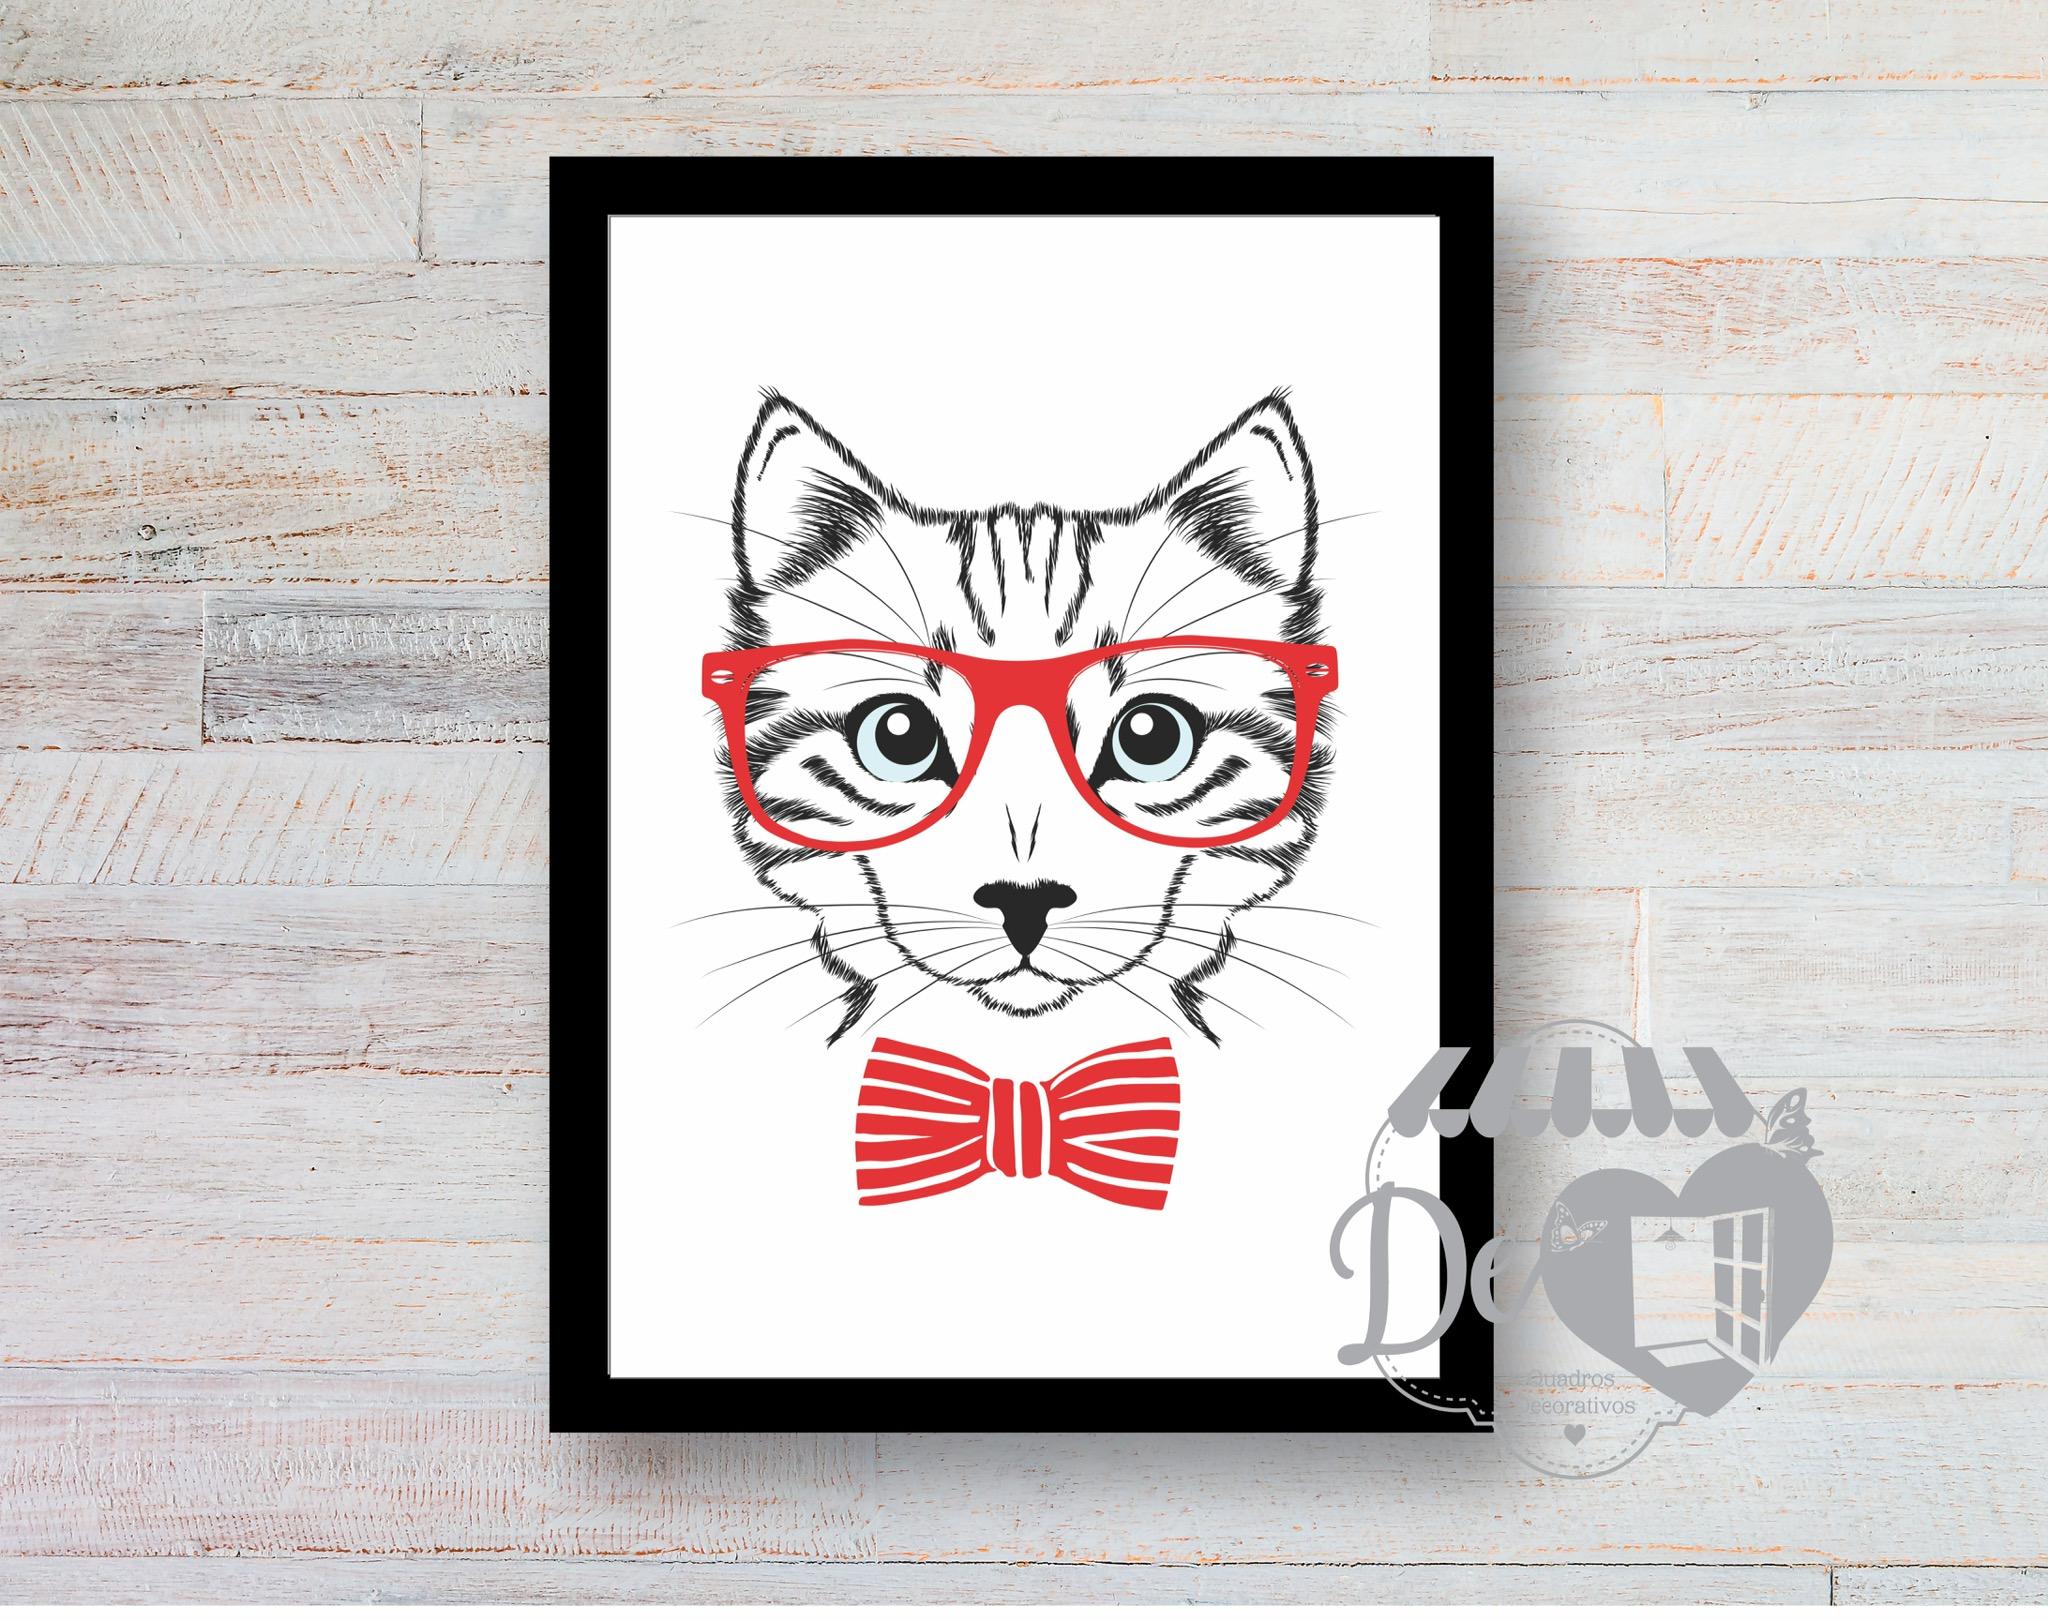 Quadro Gato com Oculos   Elo7 0163d5f263